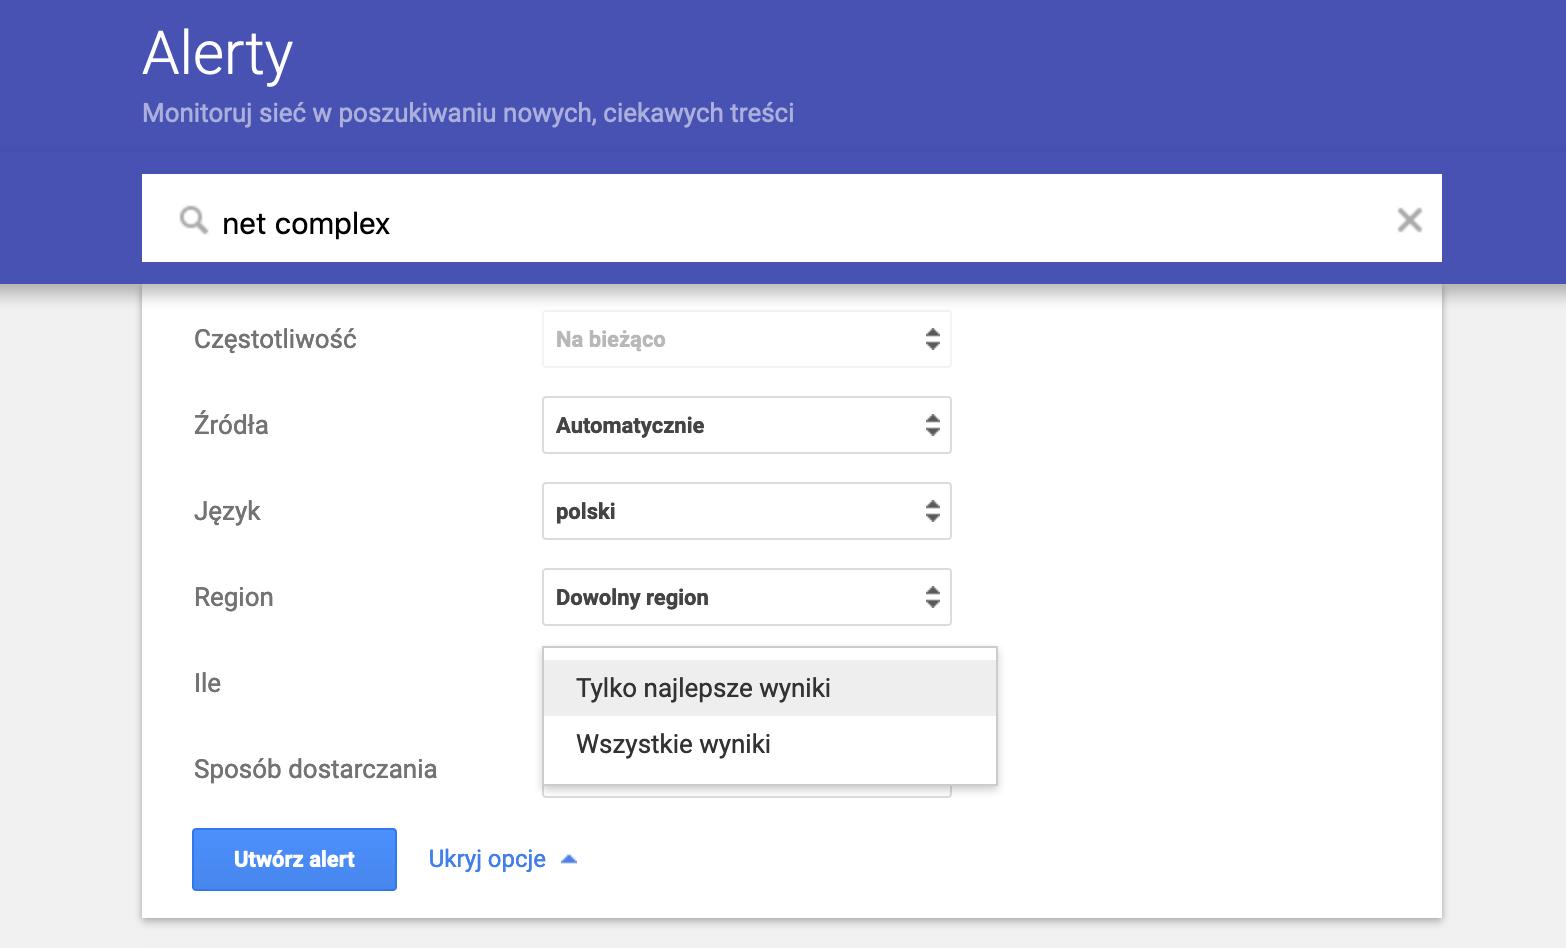 Screenshot 2019 09 30 at 15.21.50 - Używasz Google Alerts? Uważaj nastrony oniskiej reputacji! - netcomplex